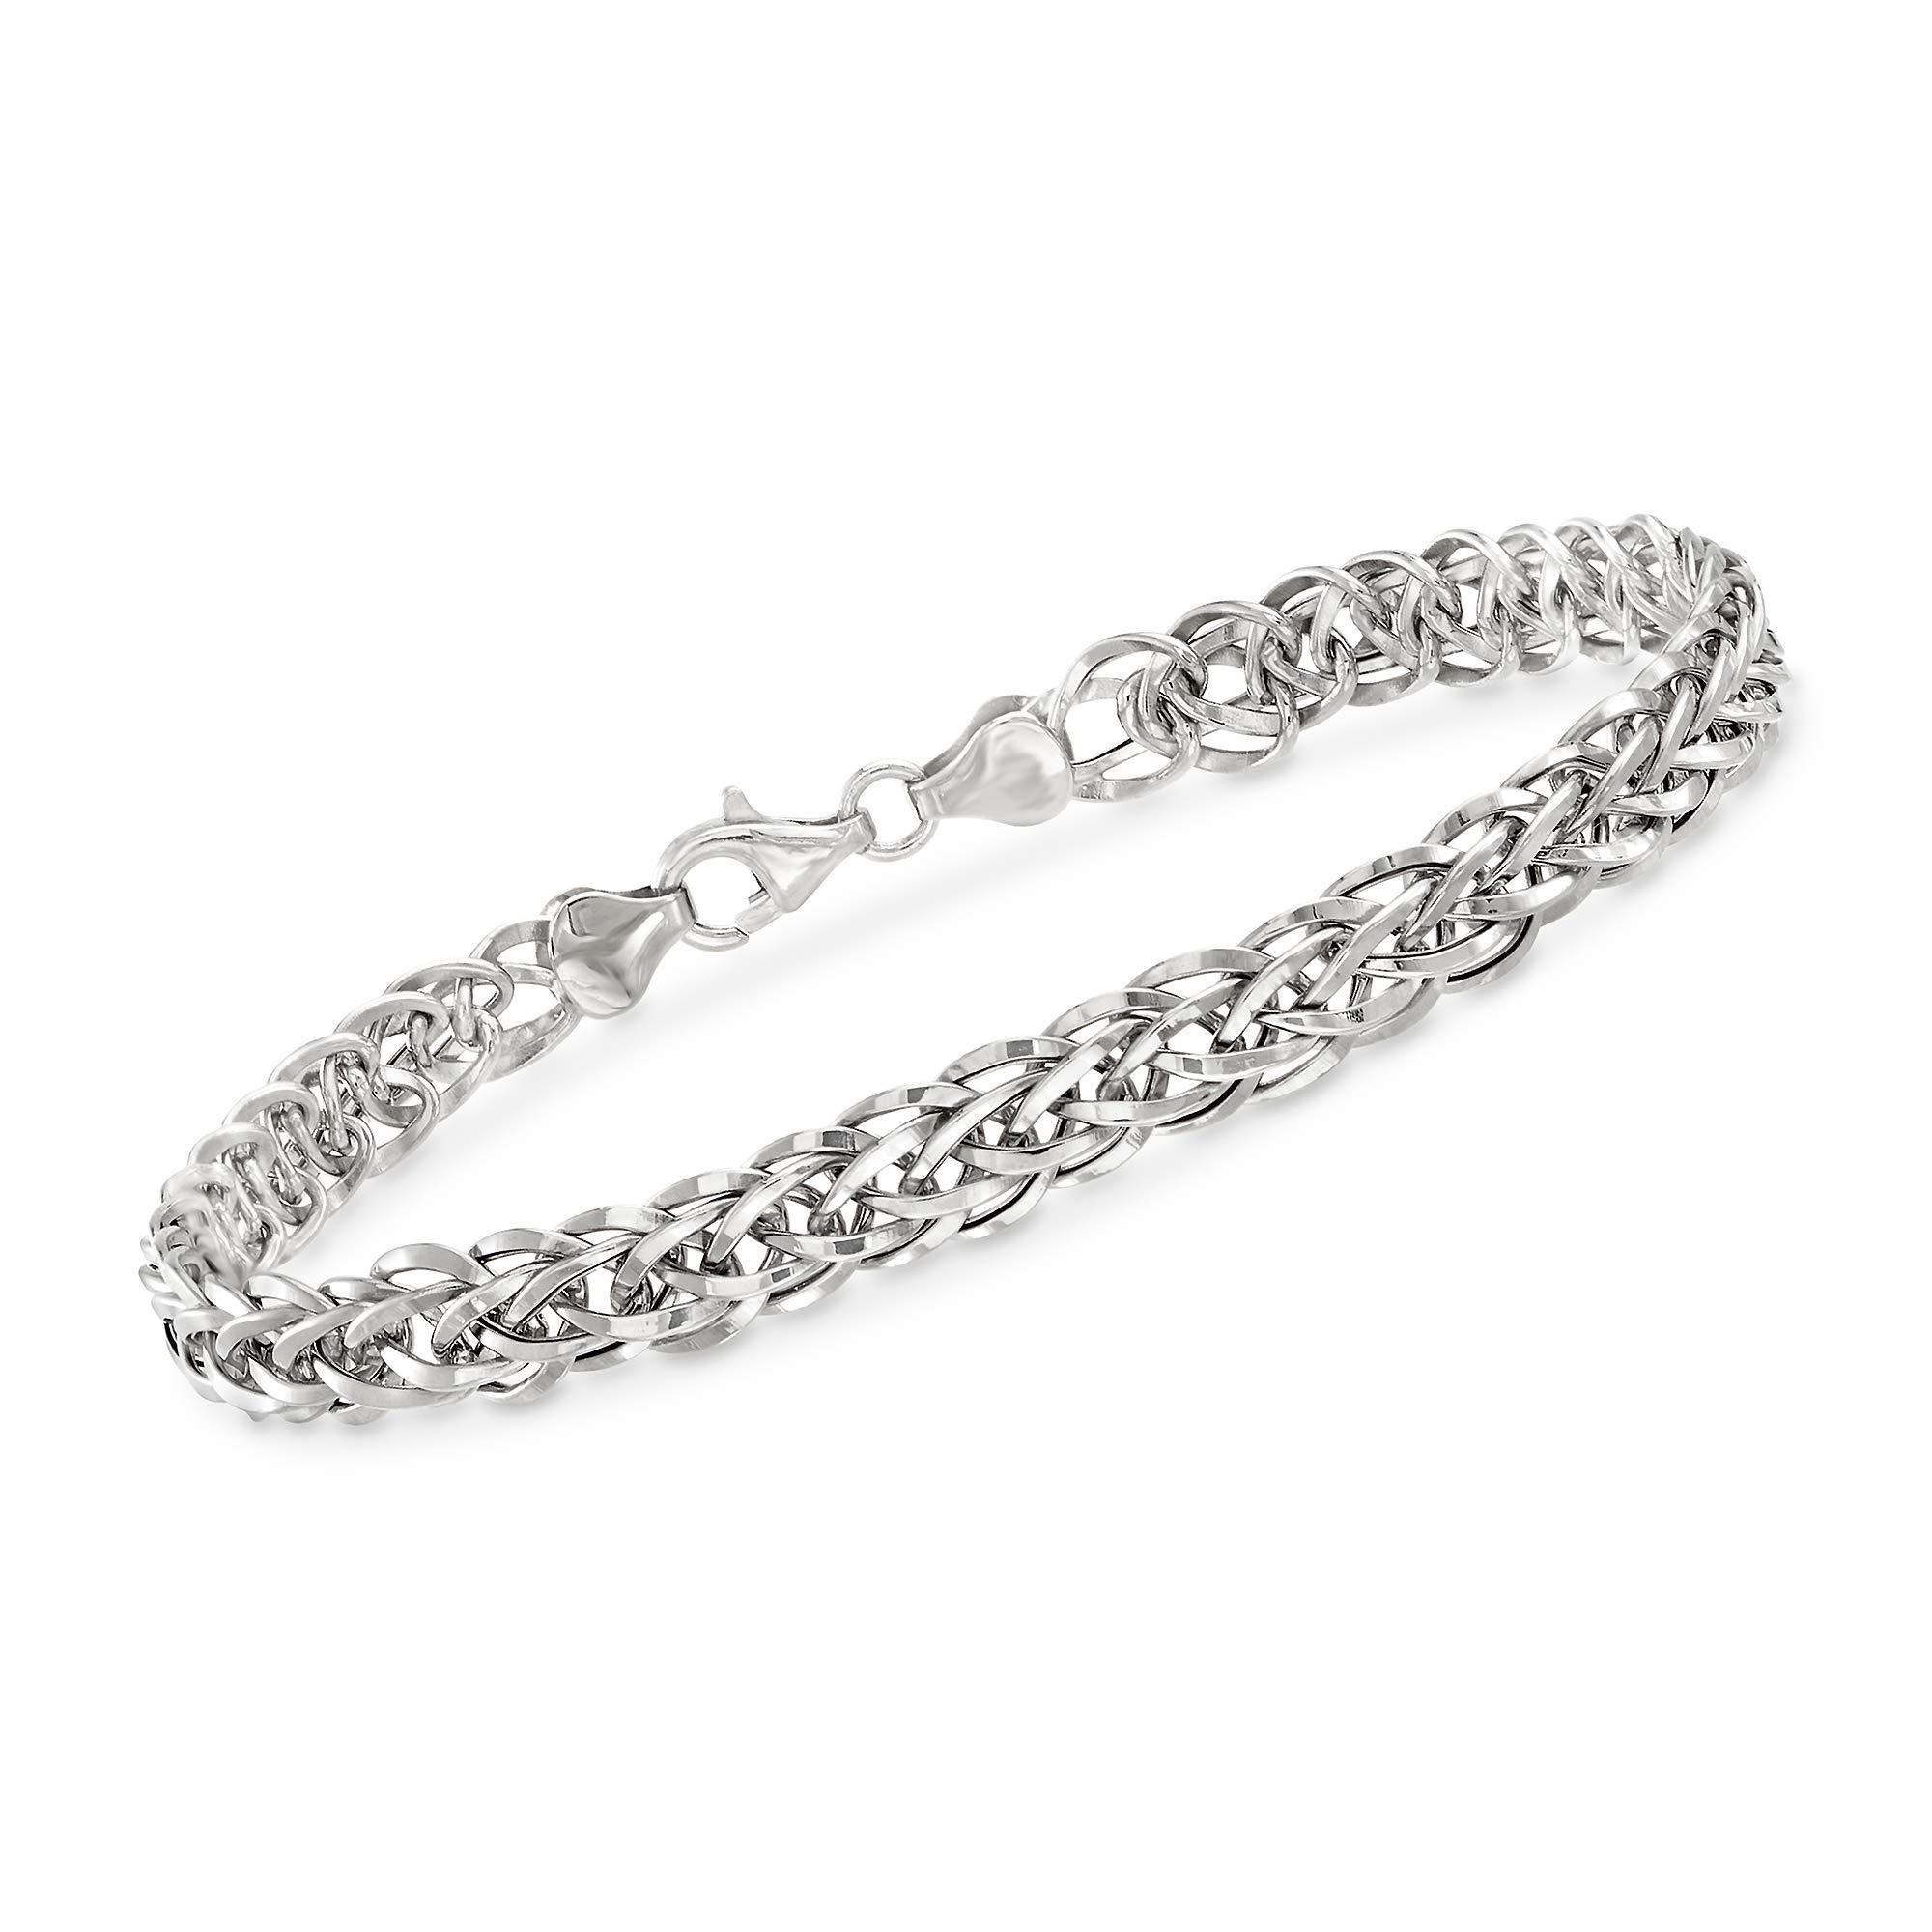 Ross-Simons 18kt White Gold Wheat-Link Bracelet